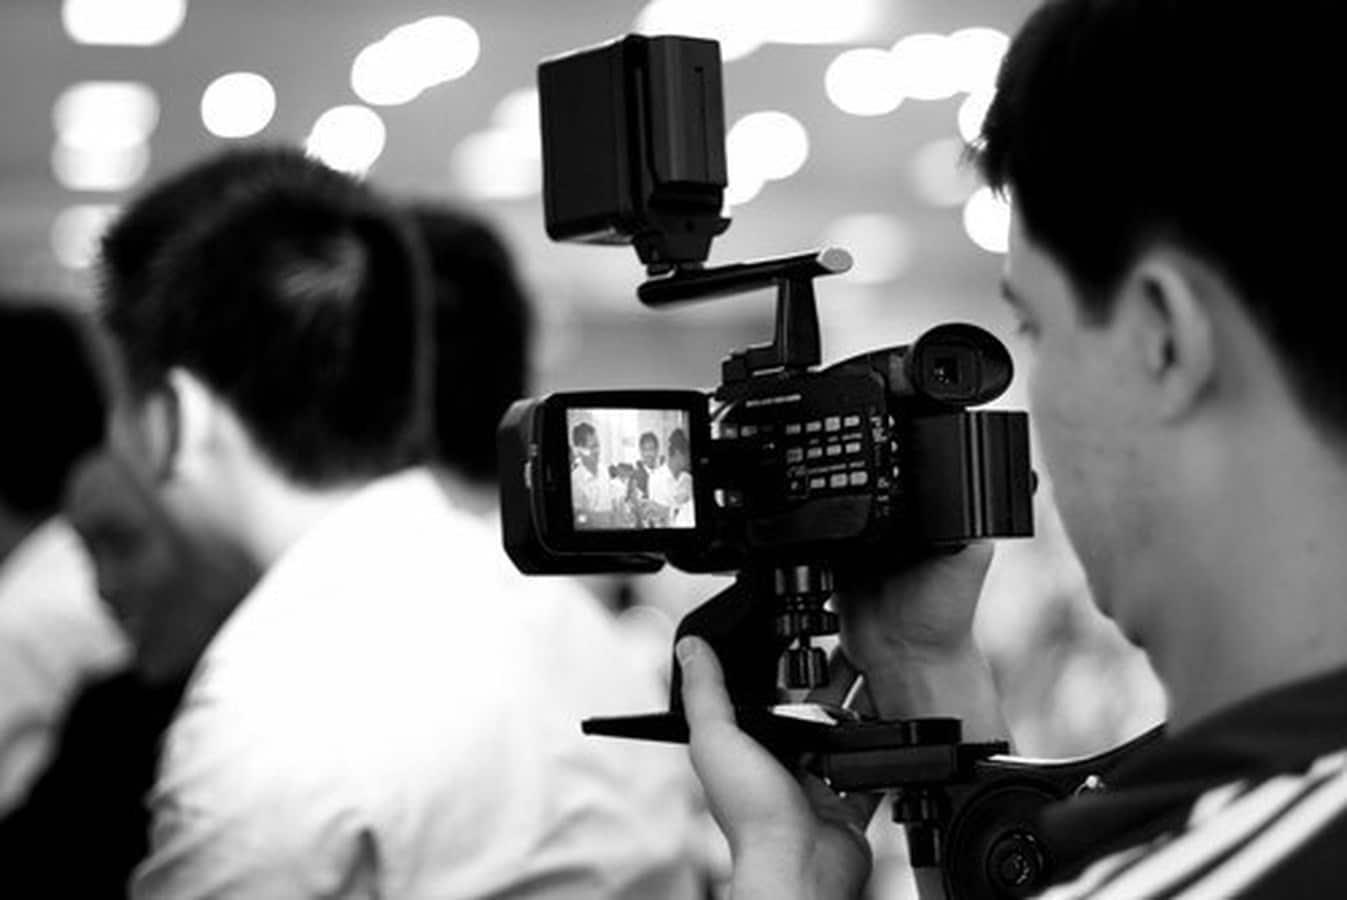 Chụp ảnh Hải Phòng cung cấp dịch vụ quay video TVC Hải Phòng uy tín, chất lượng